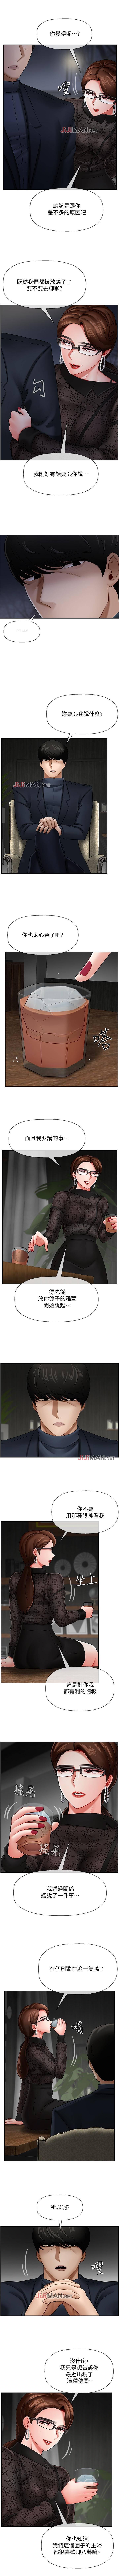 【已休刊】坏老师(作者:朴世談&福) 第1~31话 63